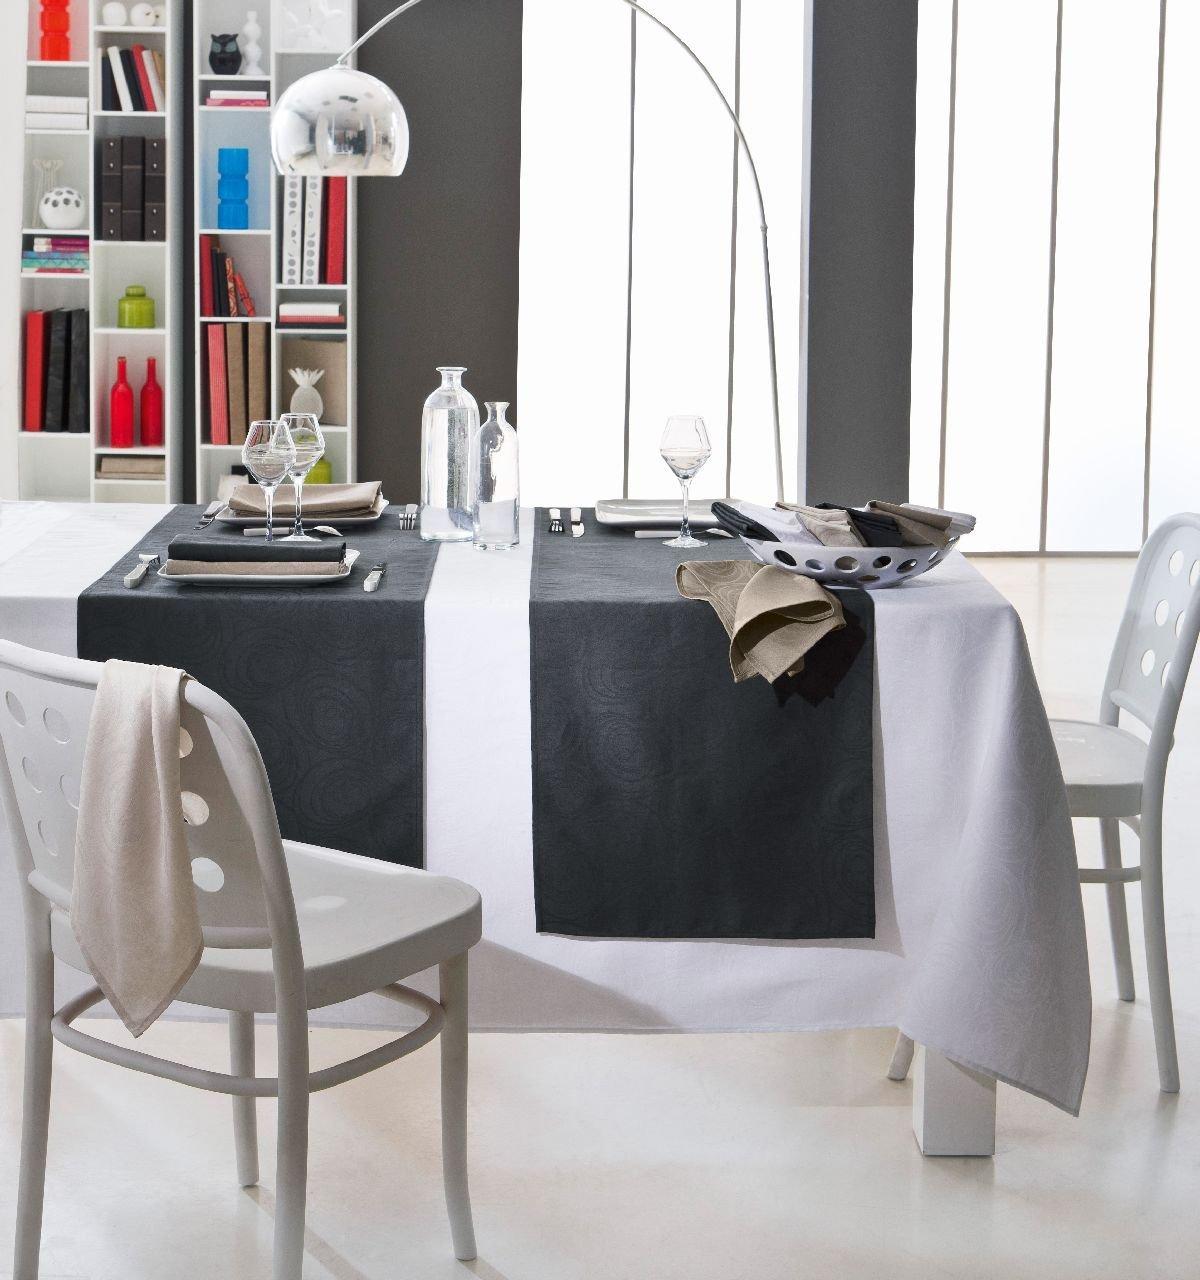 Tradilinge ~ Espiral Blanco – rel6722, algodón, Blanco, Blanco, Blanco, Nappe 150x250 446b32